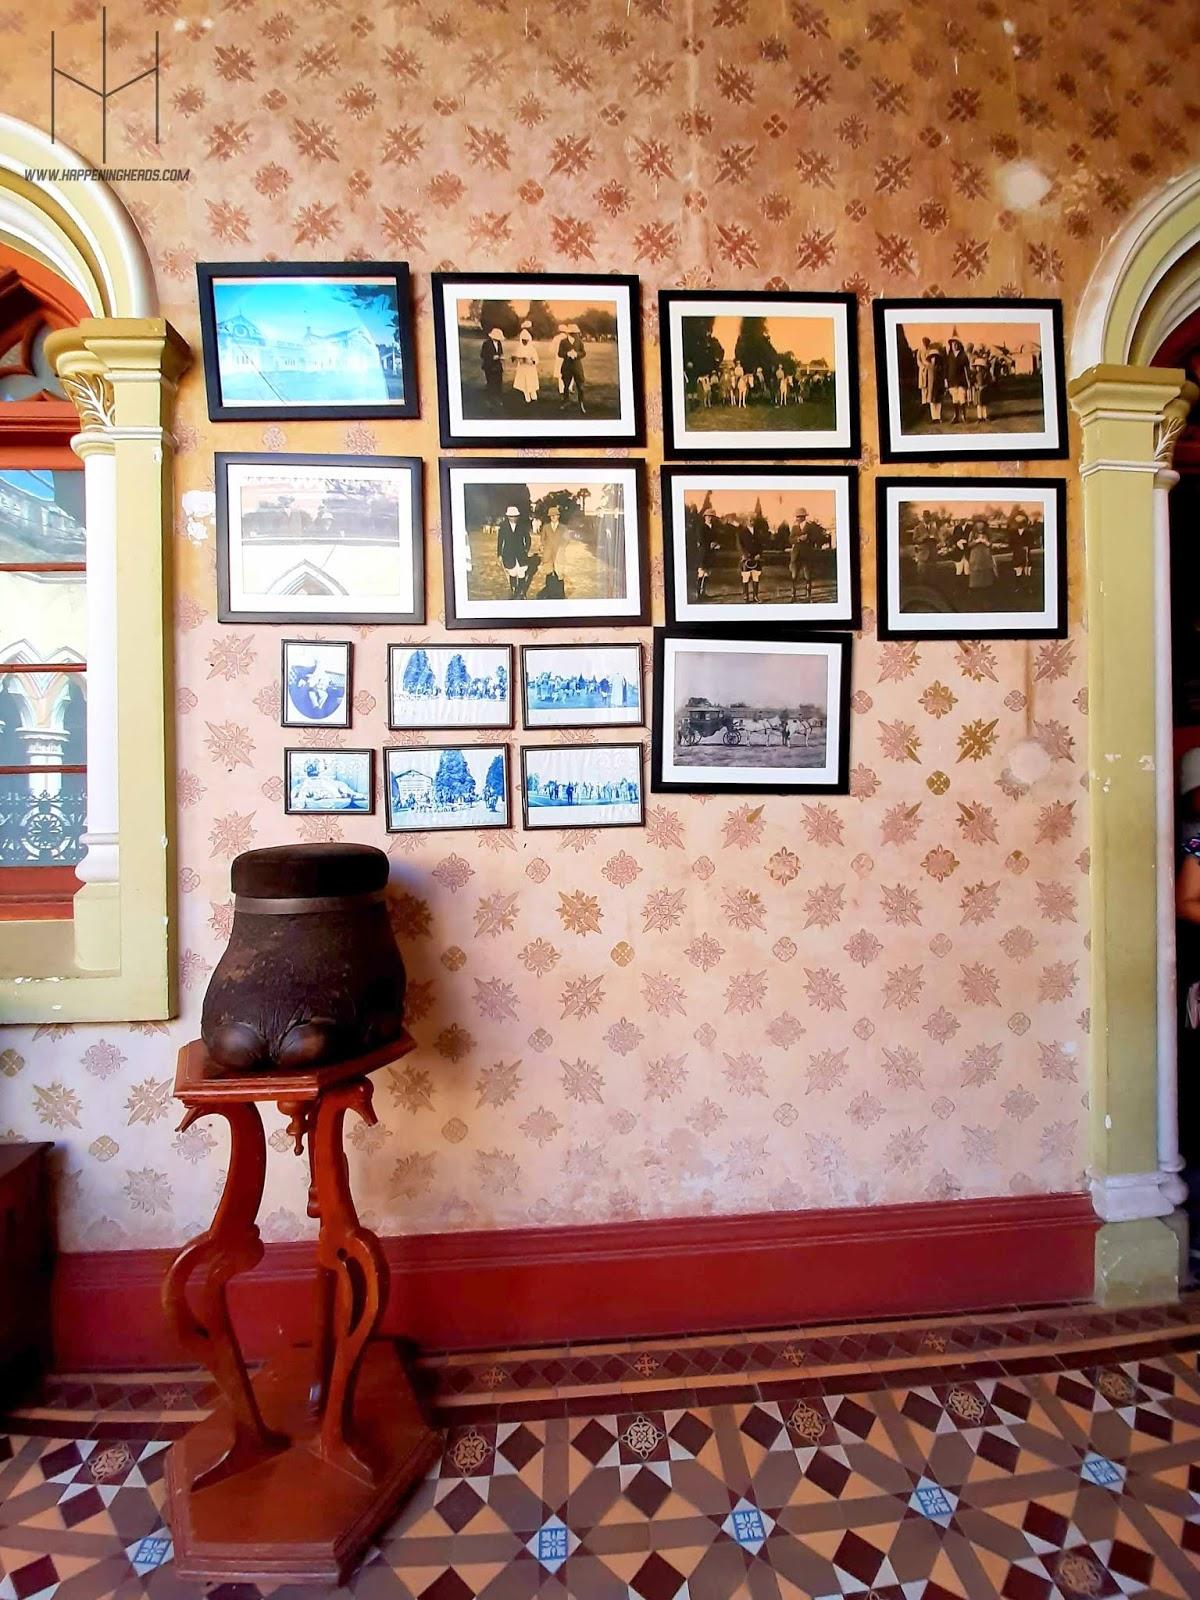 bangalore, places to visit in bangalore, bangalore city, india, bangalore places to visit, bangalore places to see, bangalore places, tourist places in bangalore, bangalore (indian city), bangalore places to visit in one day, bangalore tourist places, tourist places in india, bangalore palace tour, bangalore palace (tourist attraction), Karnataka, Namma Bengaluru, Karnataka Tourism, Blog, Bloggers, Blogging, Indian Bloggers, Travel Bloggers, Incredible India, #HappeningHeads